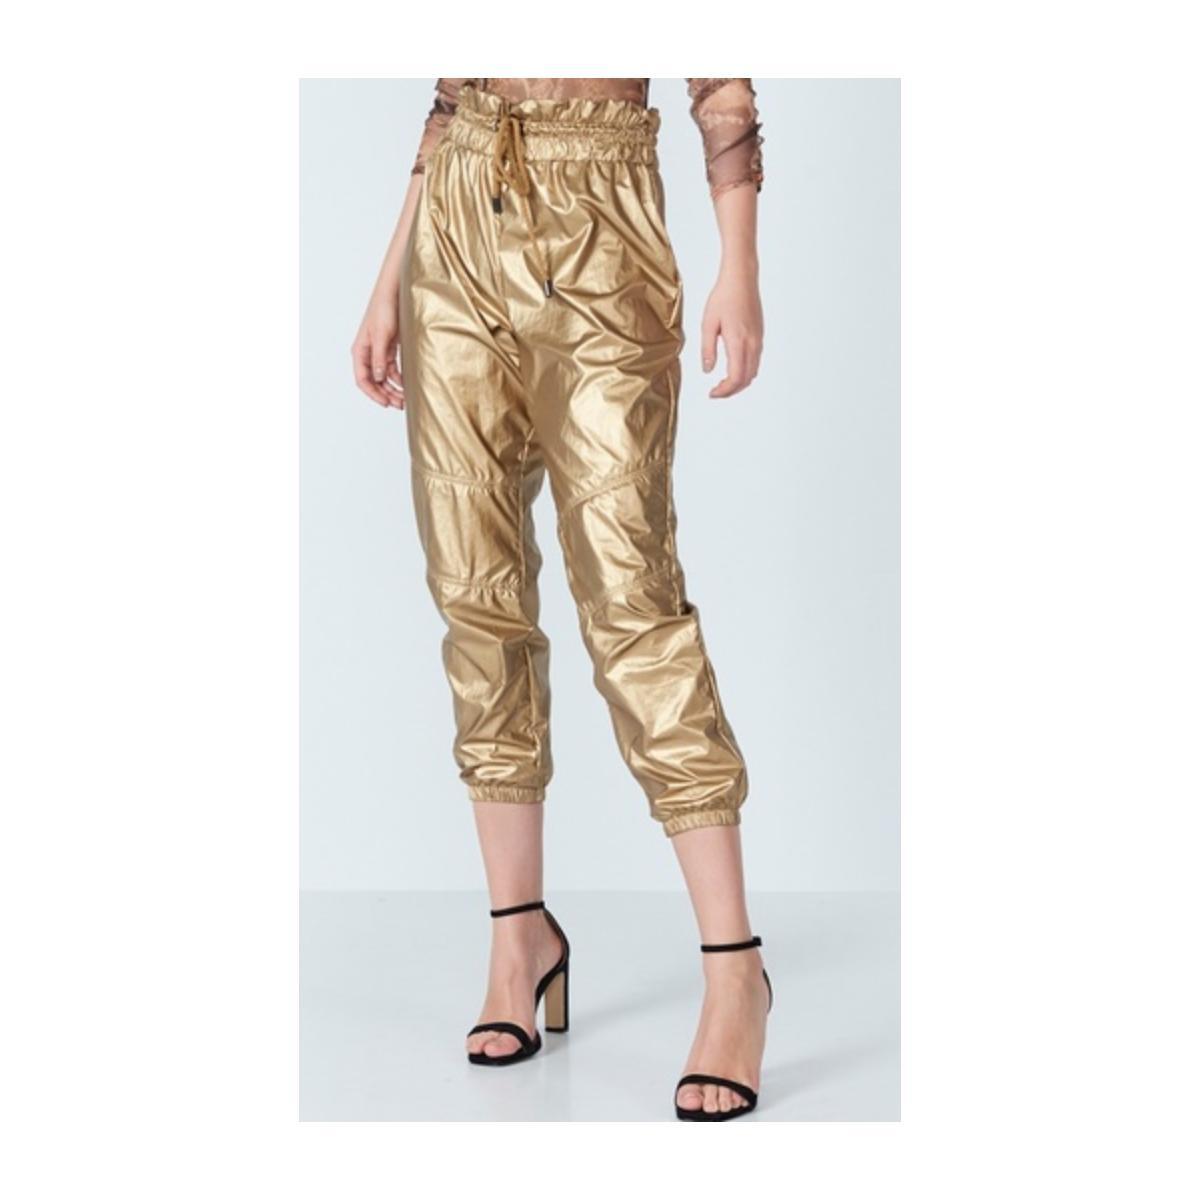 Calça Feminina Colcci 20110610 Vc378 Dourado